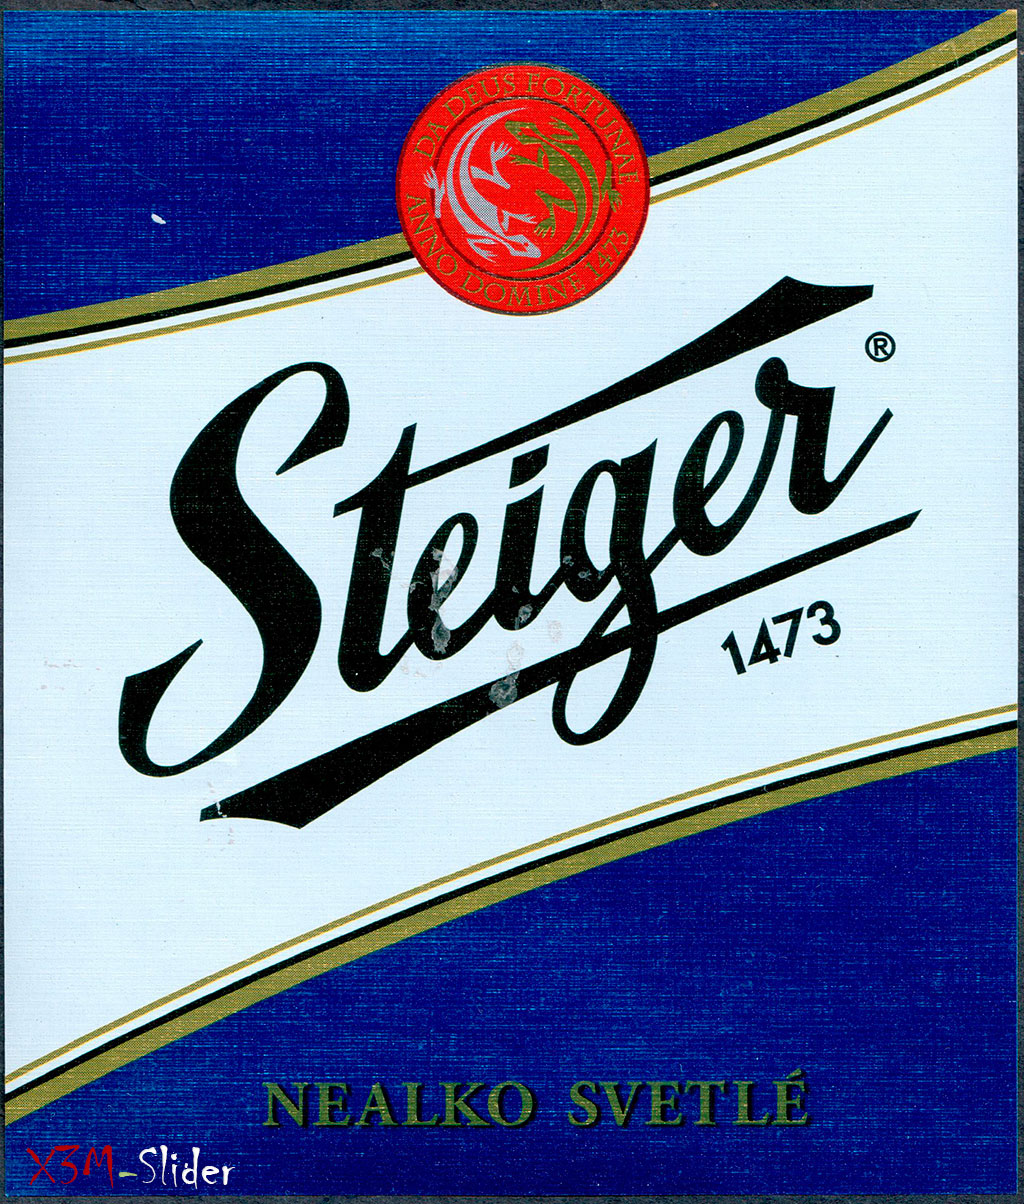 Steiger - Nealko Svetle